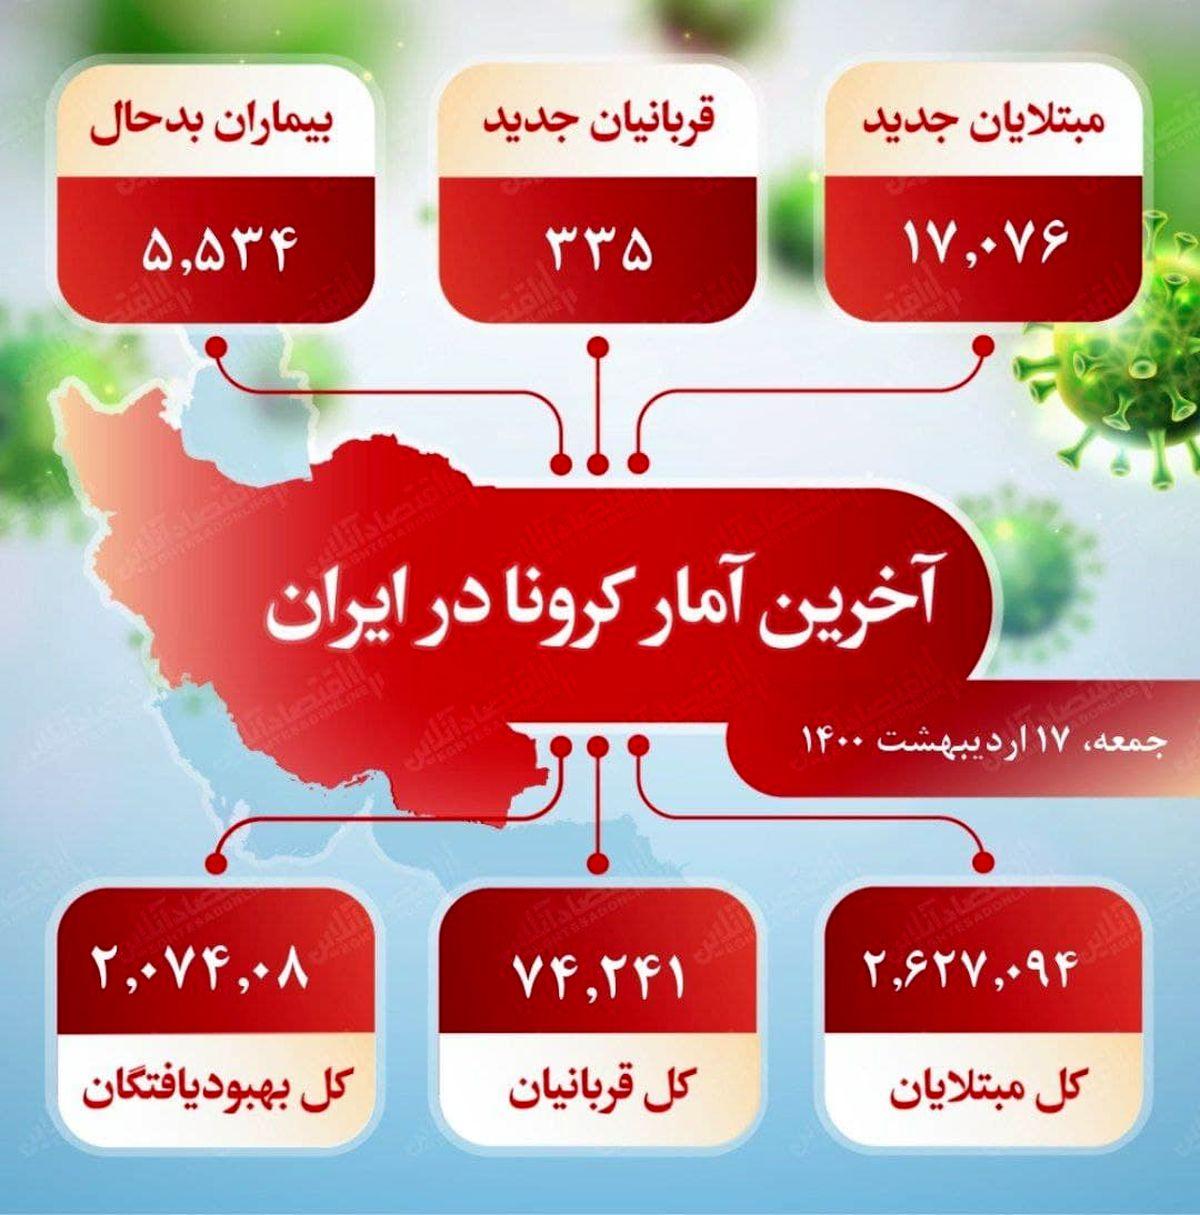 آخرین آمار کرونا در ایران (۱۴۰۰/۲/۱۷)